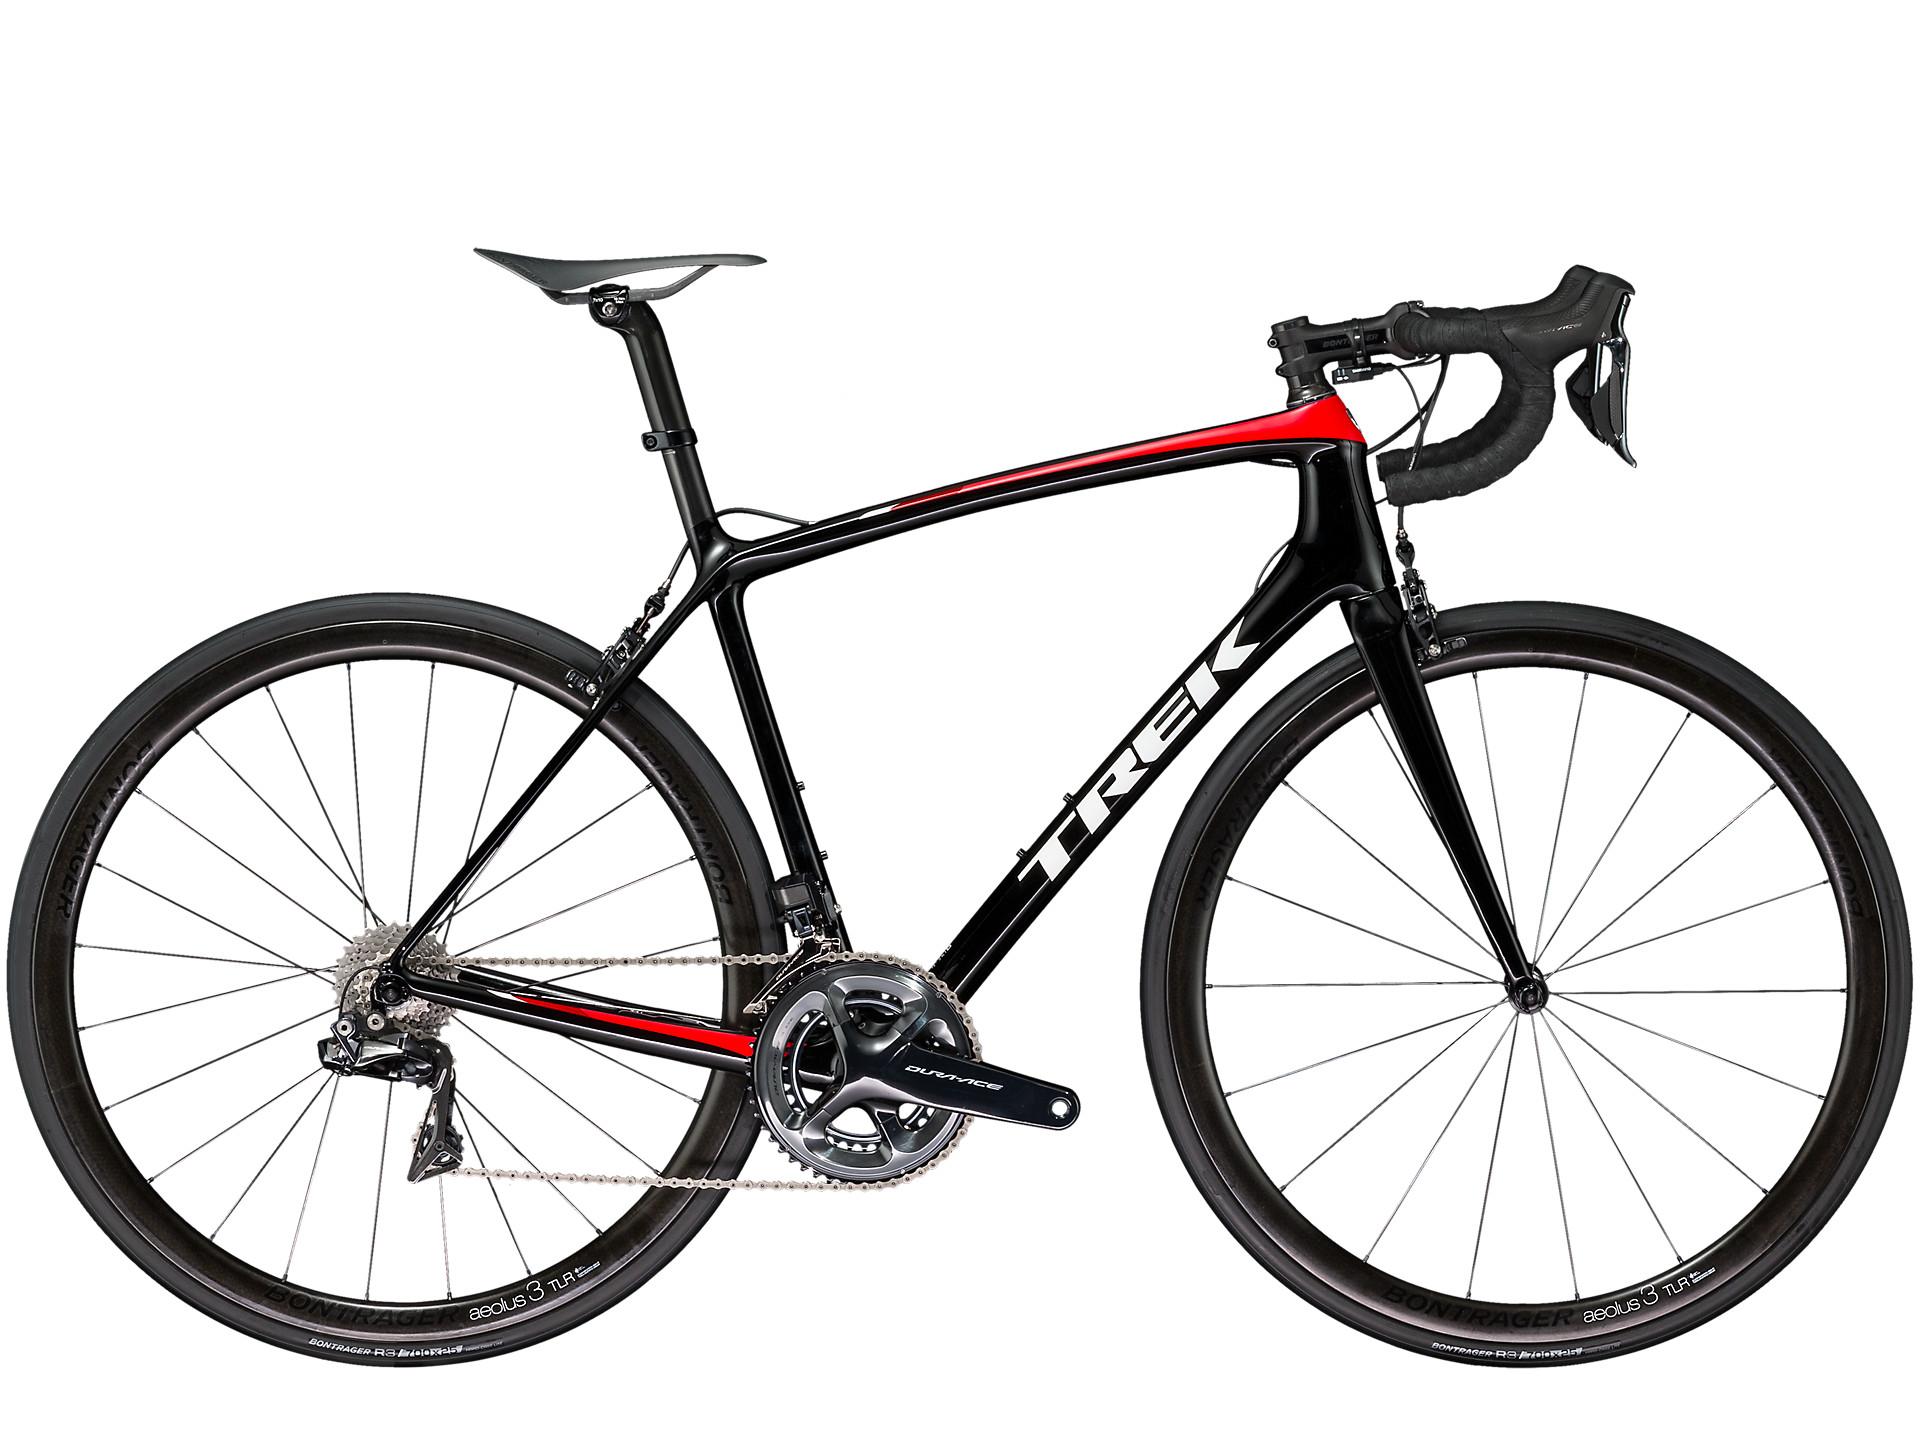 9524676f5c5 Promo collections   Trek Bikes